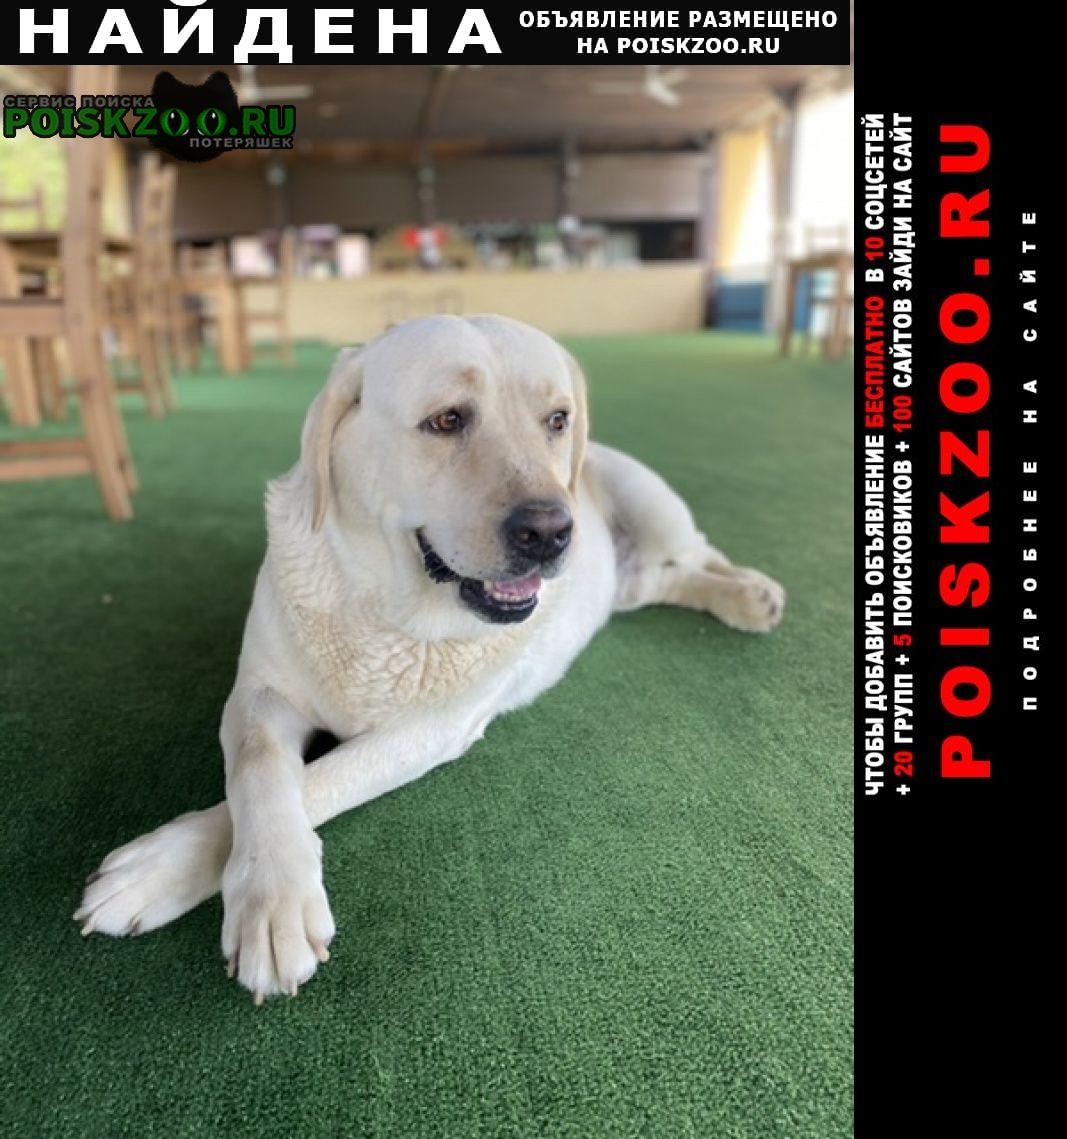 Найдена собака кобель лабрадор, мальчик, упитанный Средняя Ахтуба